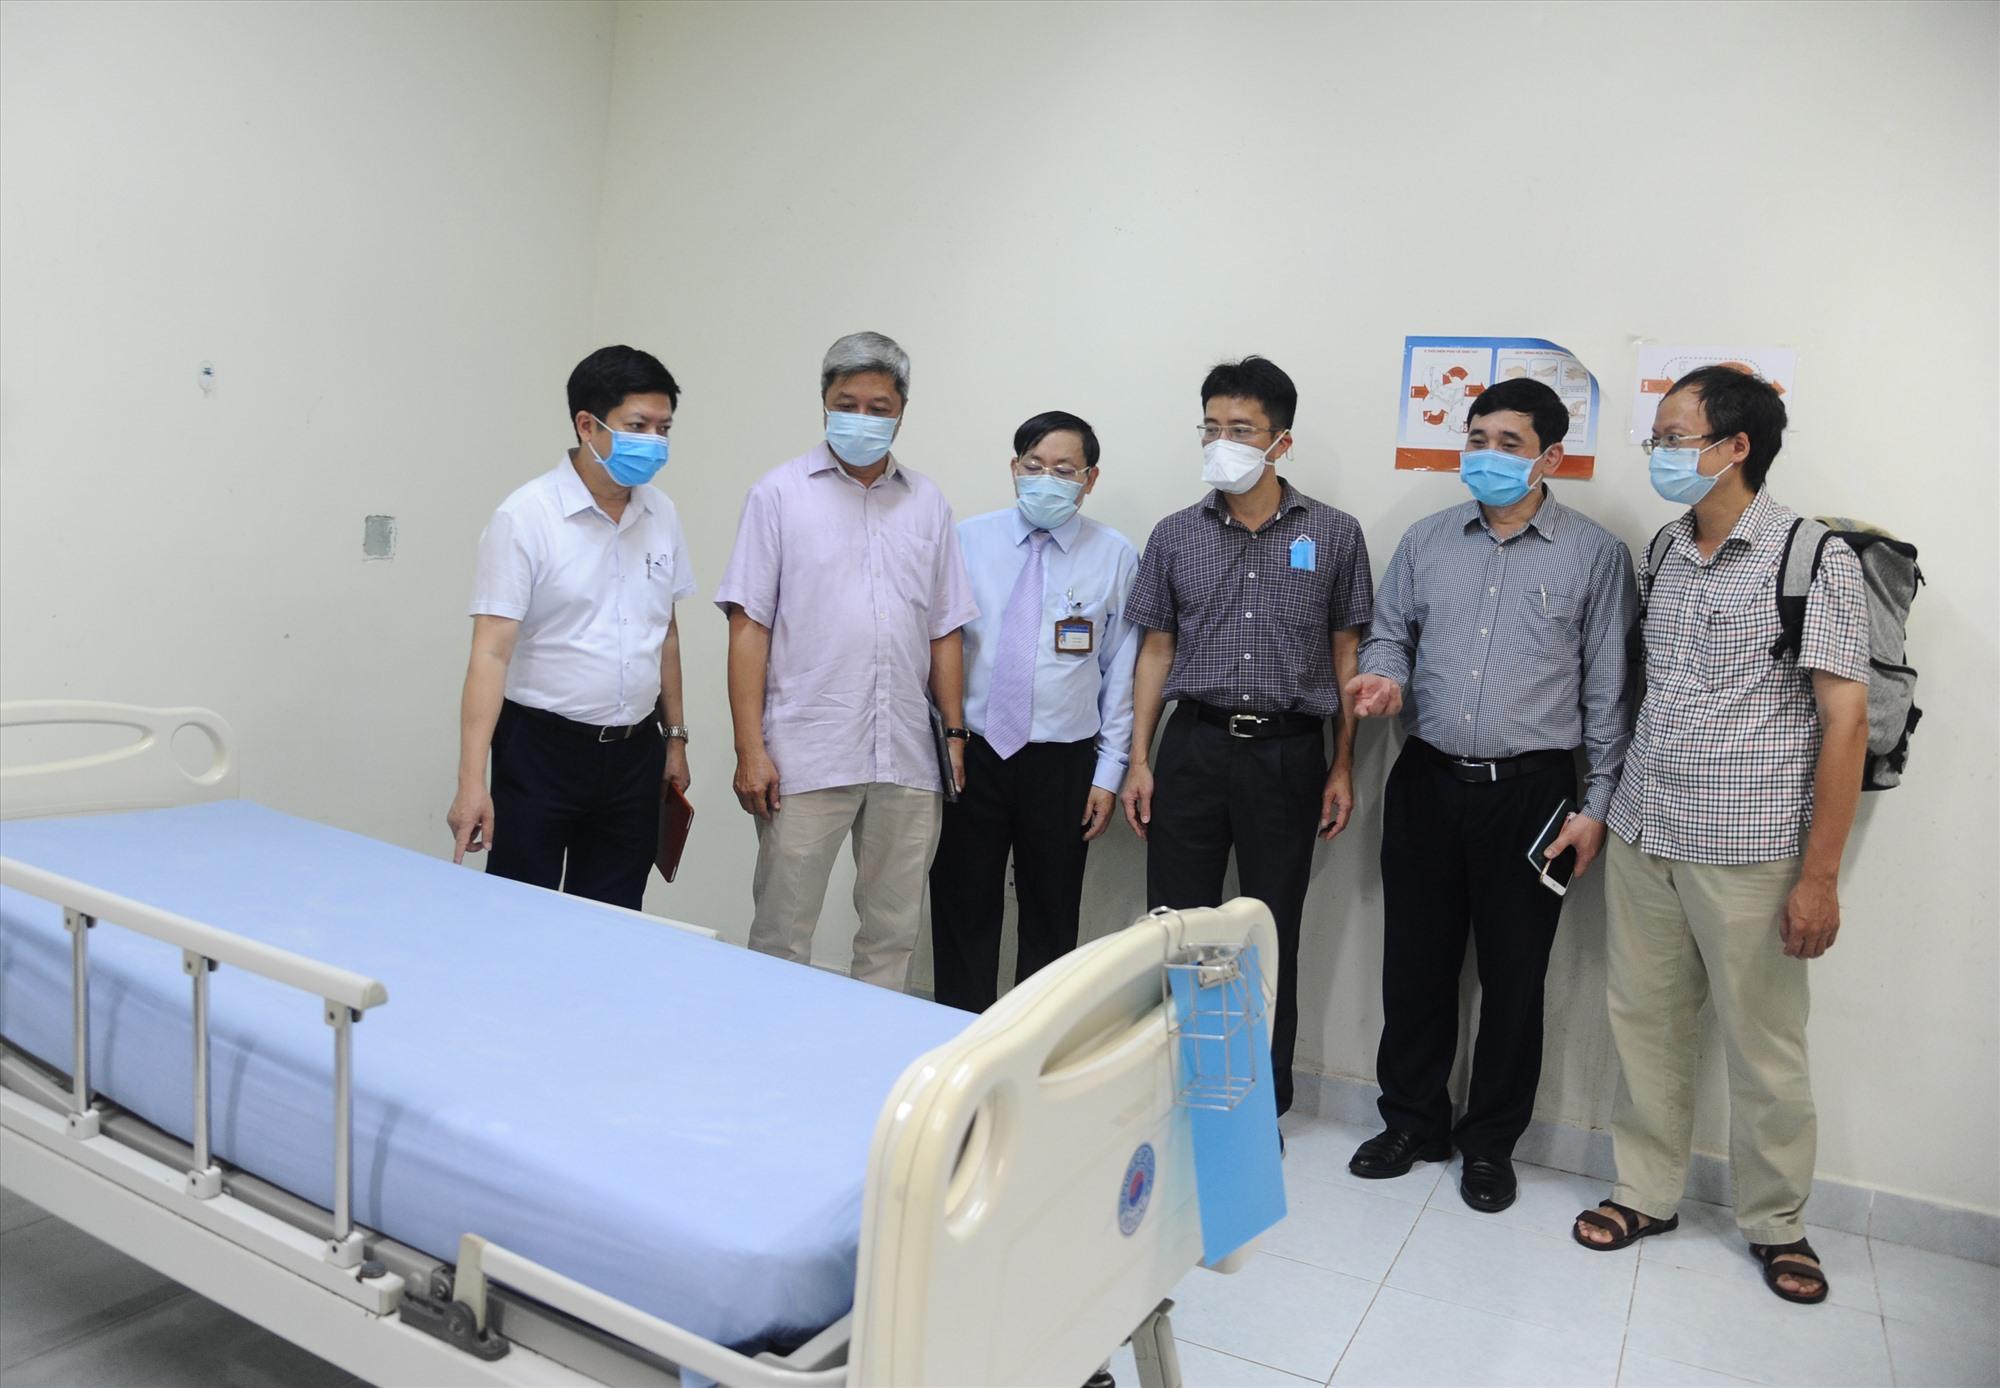 Đoàn công tác của Bộ Y tế đi kiểm tra công tác chuẩn bị tiếp nhận bệnh nhân Covid-19 tại Bệnh viện Đa khoa Trung ương Quảng Nam. Ảnh: PHAN VINH